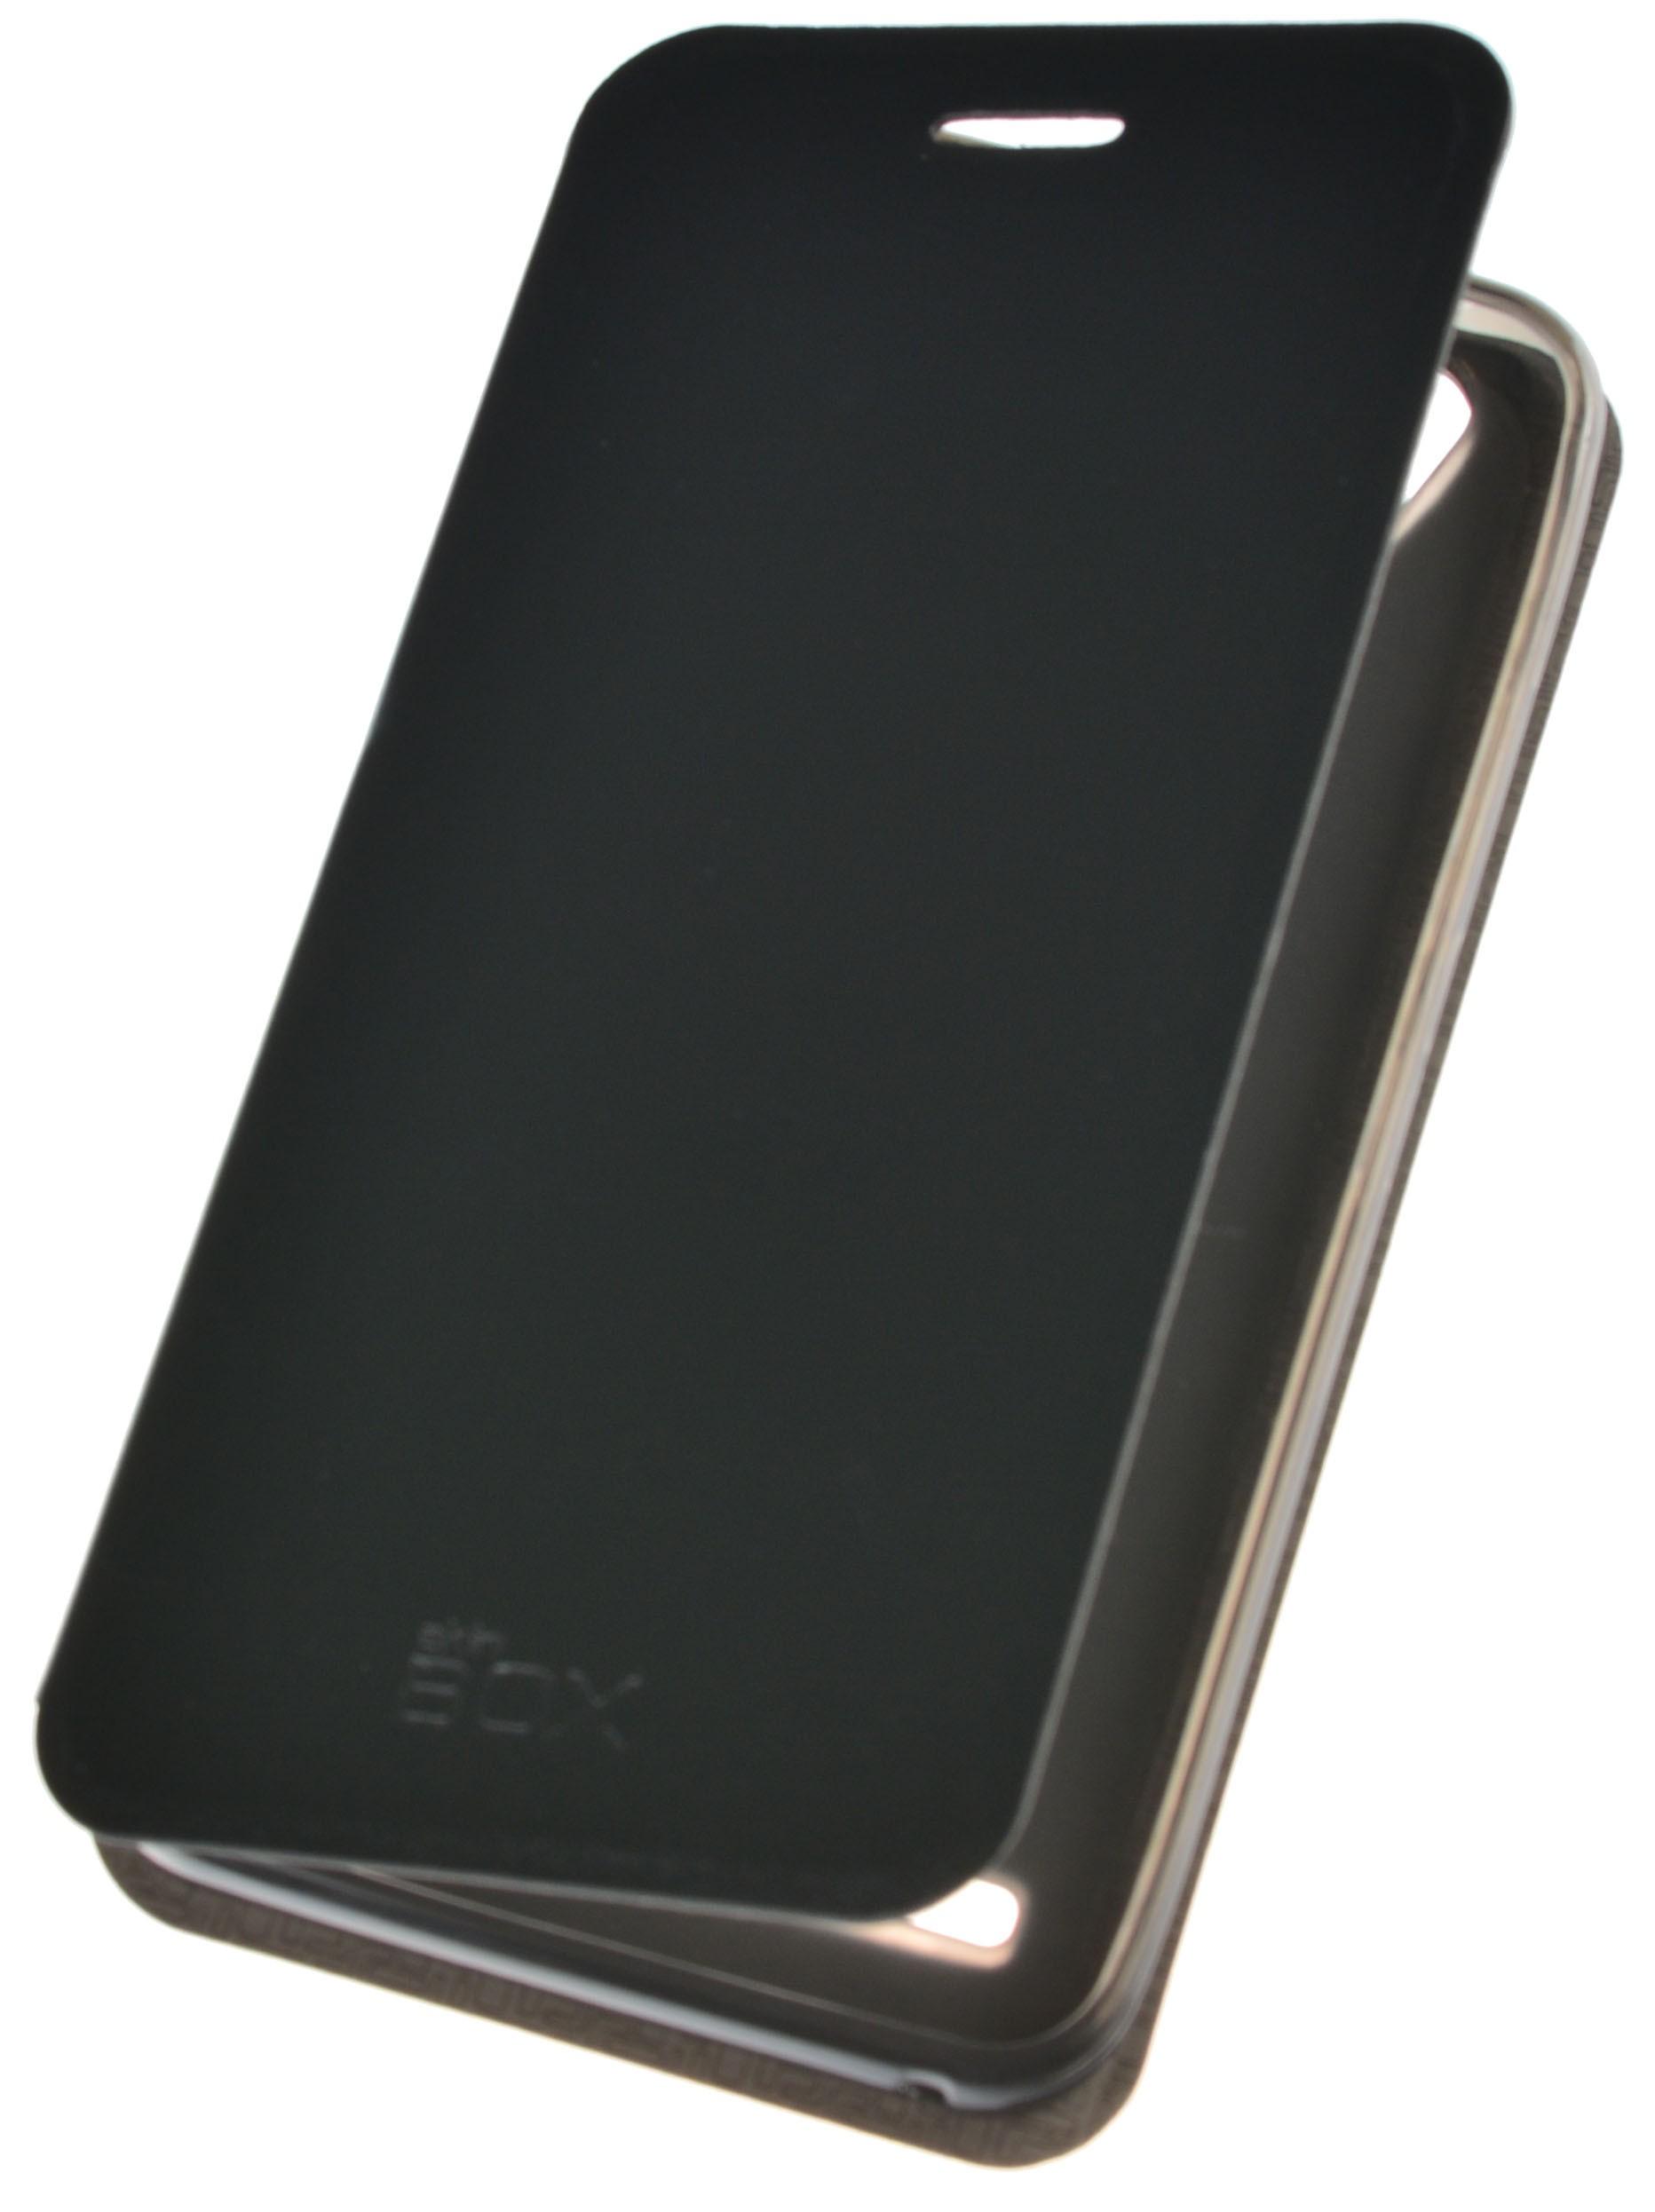 Чехол для сотового телефона skinBOX Lux, 4660041407617, черный